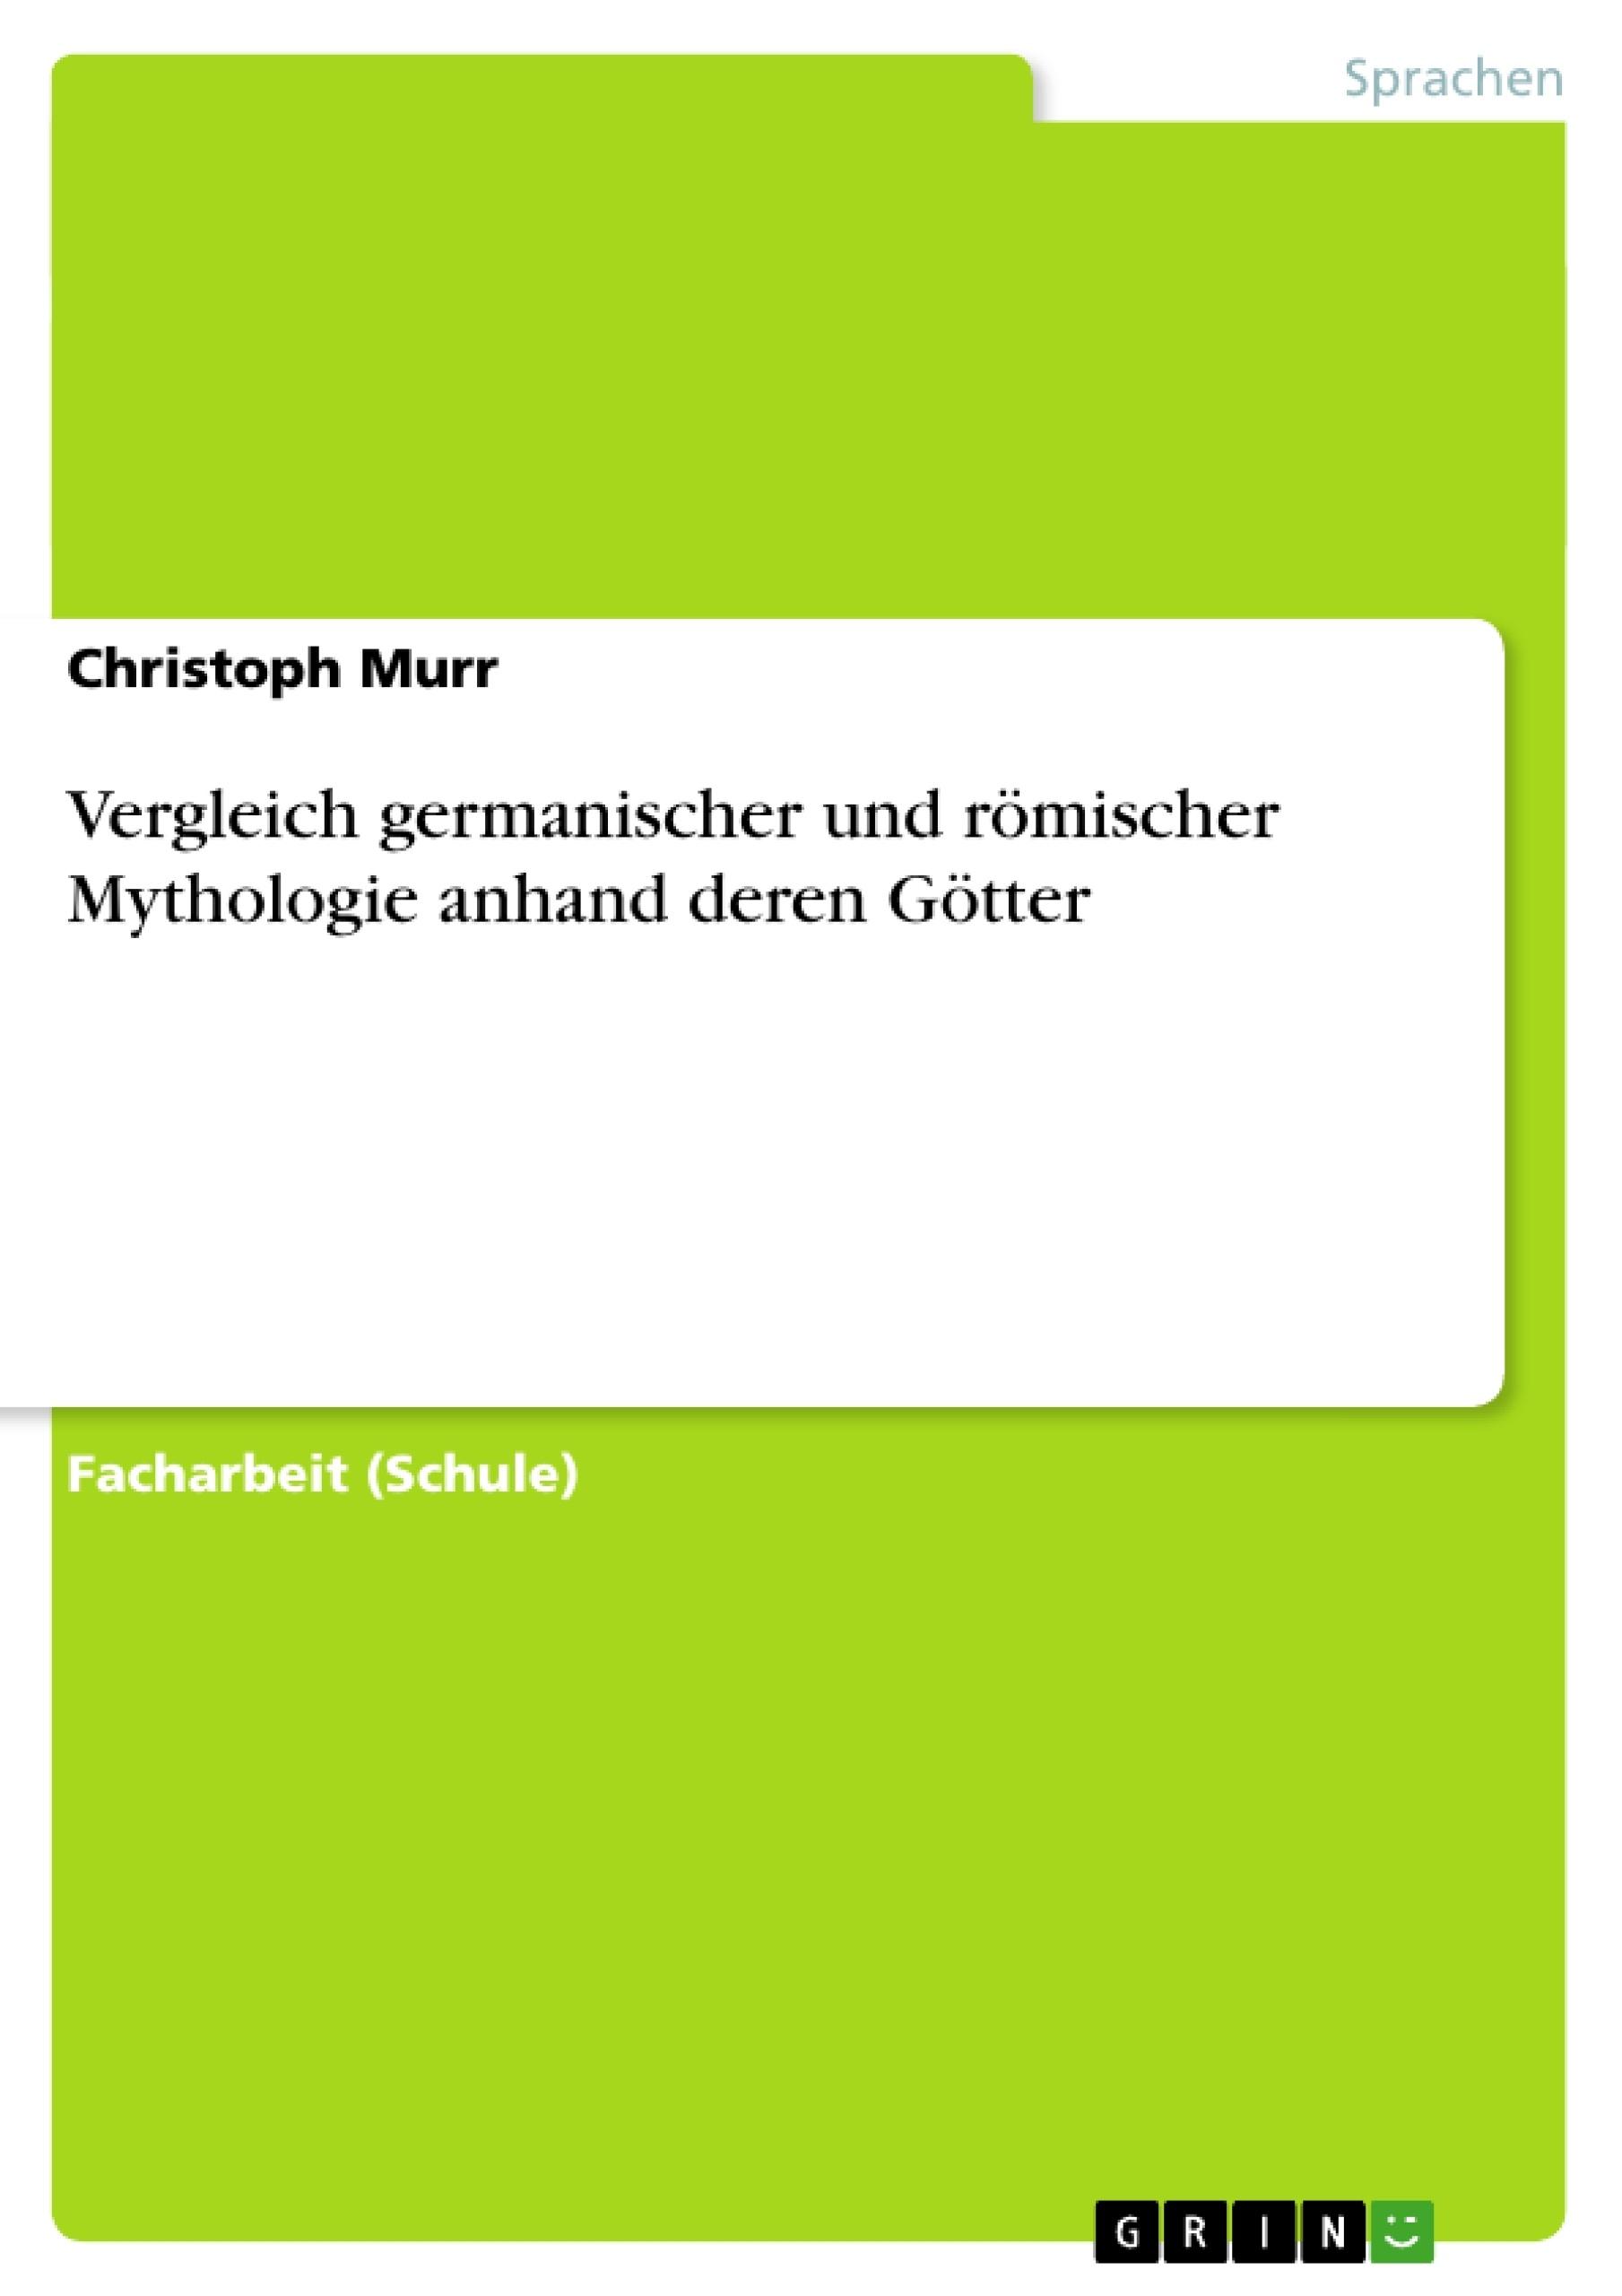 Titel: Vergleich germanischer und römischer Mythologie anhand deren Götter